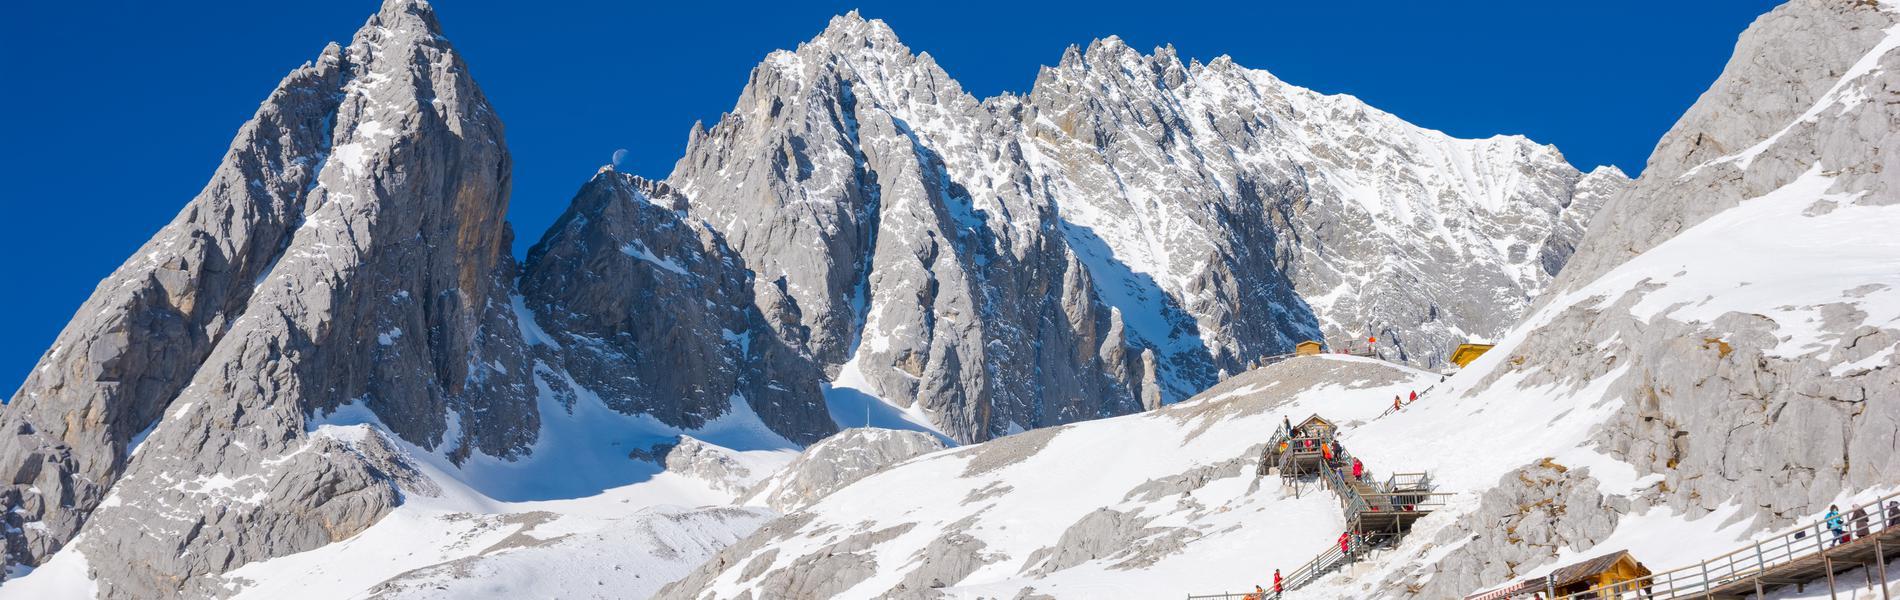 ลี่เจียง พิชิตภูเขาหิมะมังกรหยก 4 วัน 3 คืน